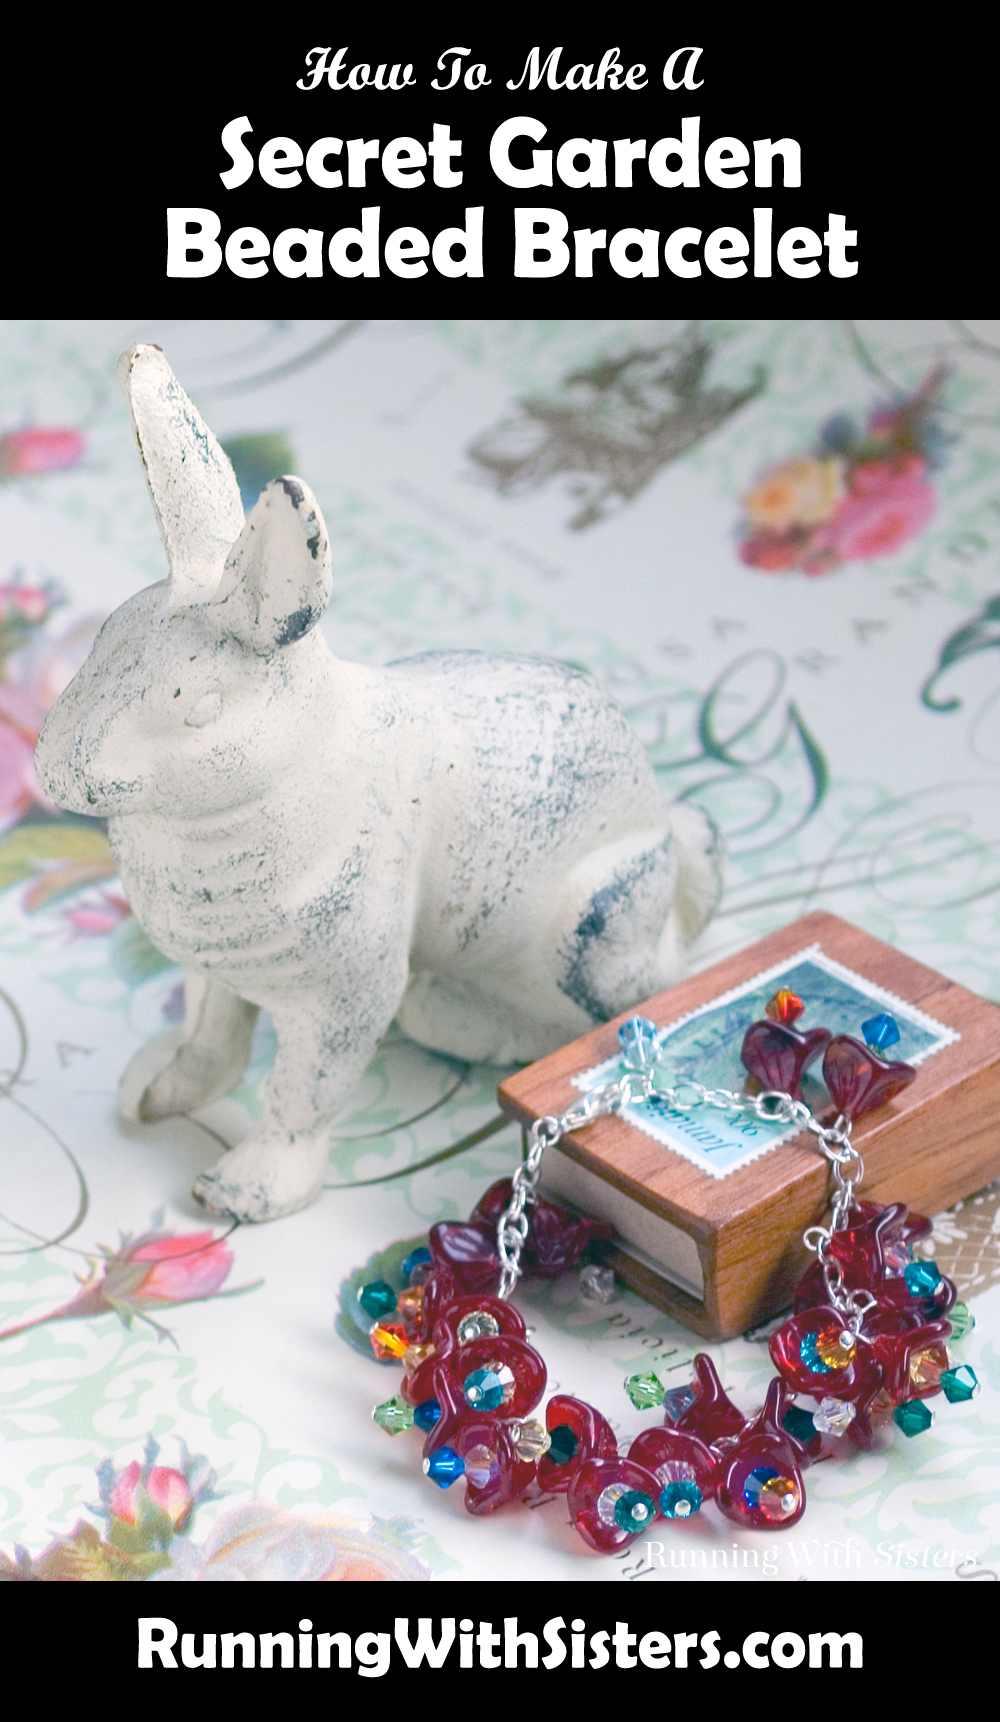 Secret Garden Beaded Bracelet Pinterest